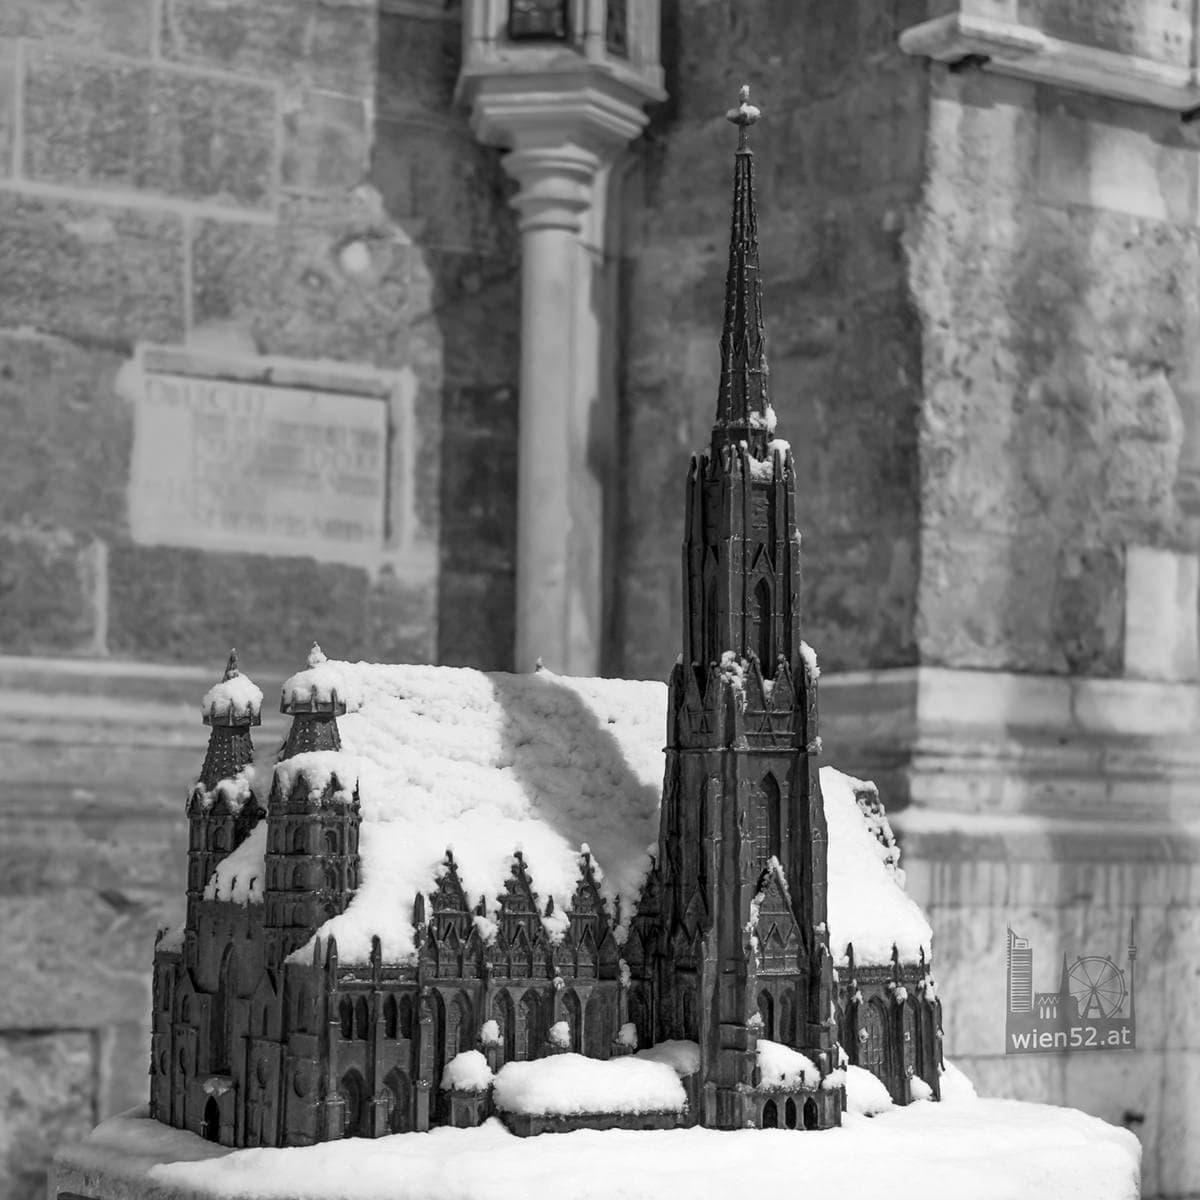 Der kleine Steffl im Schnee